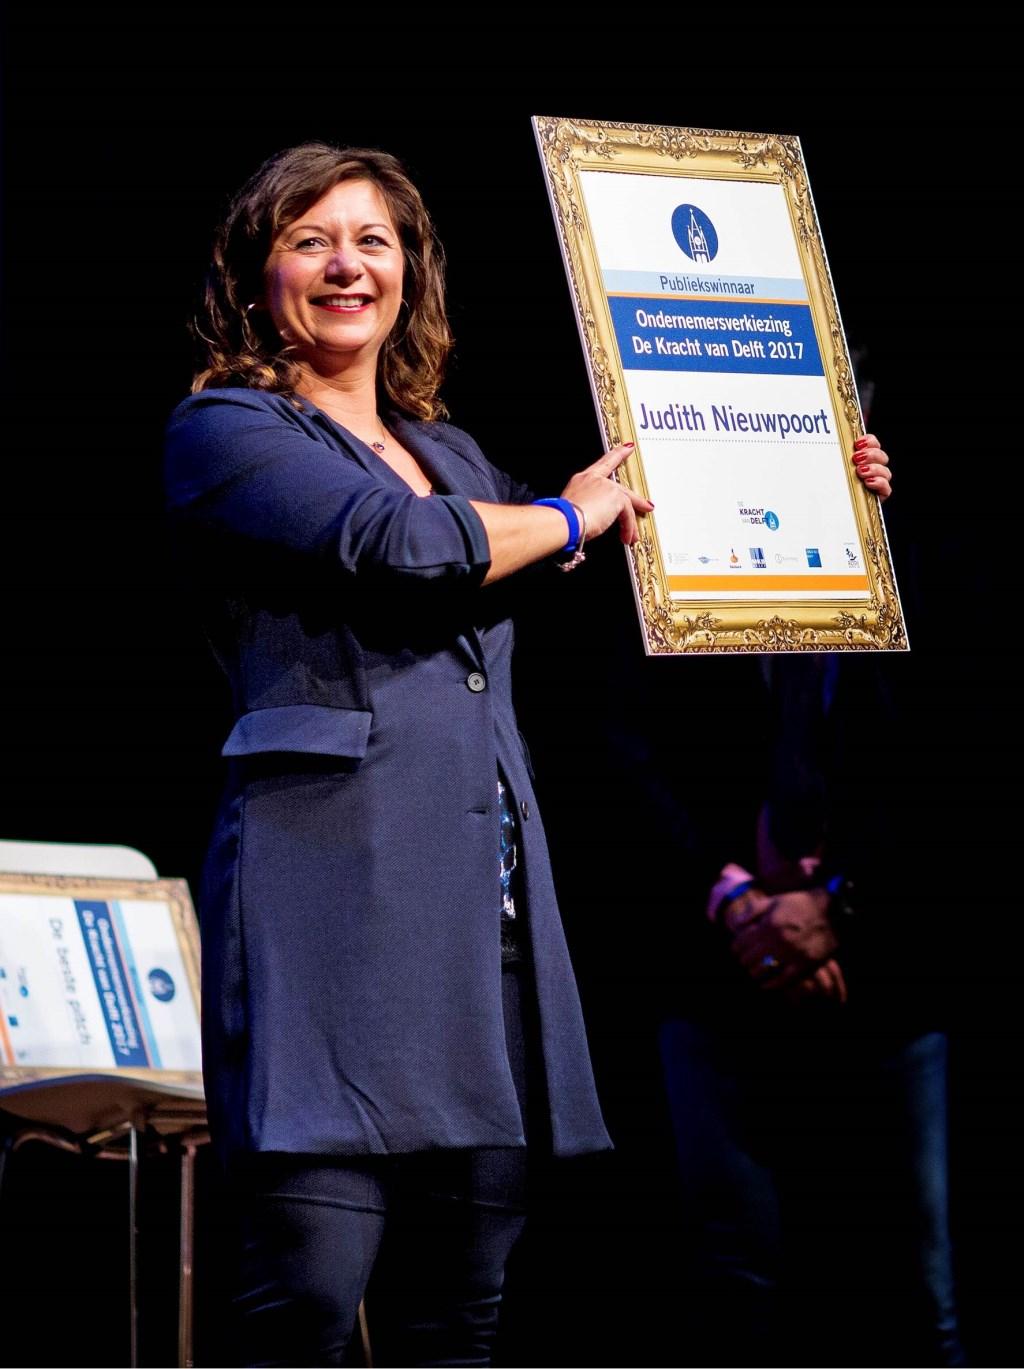 Judith Nieuwpoort steeg met de hoogste stip!